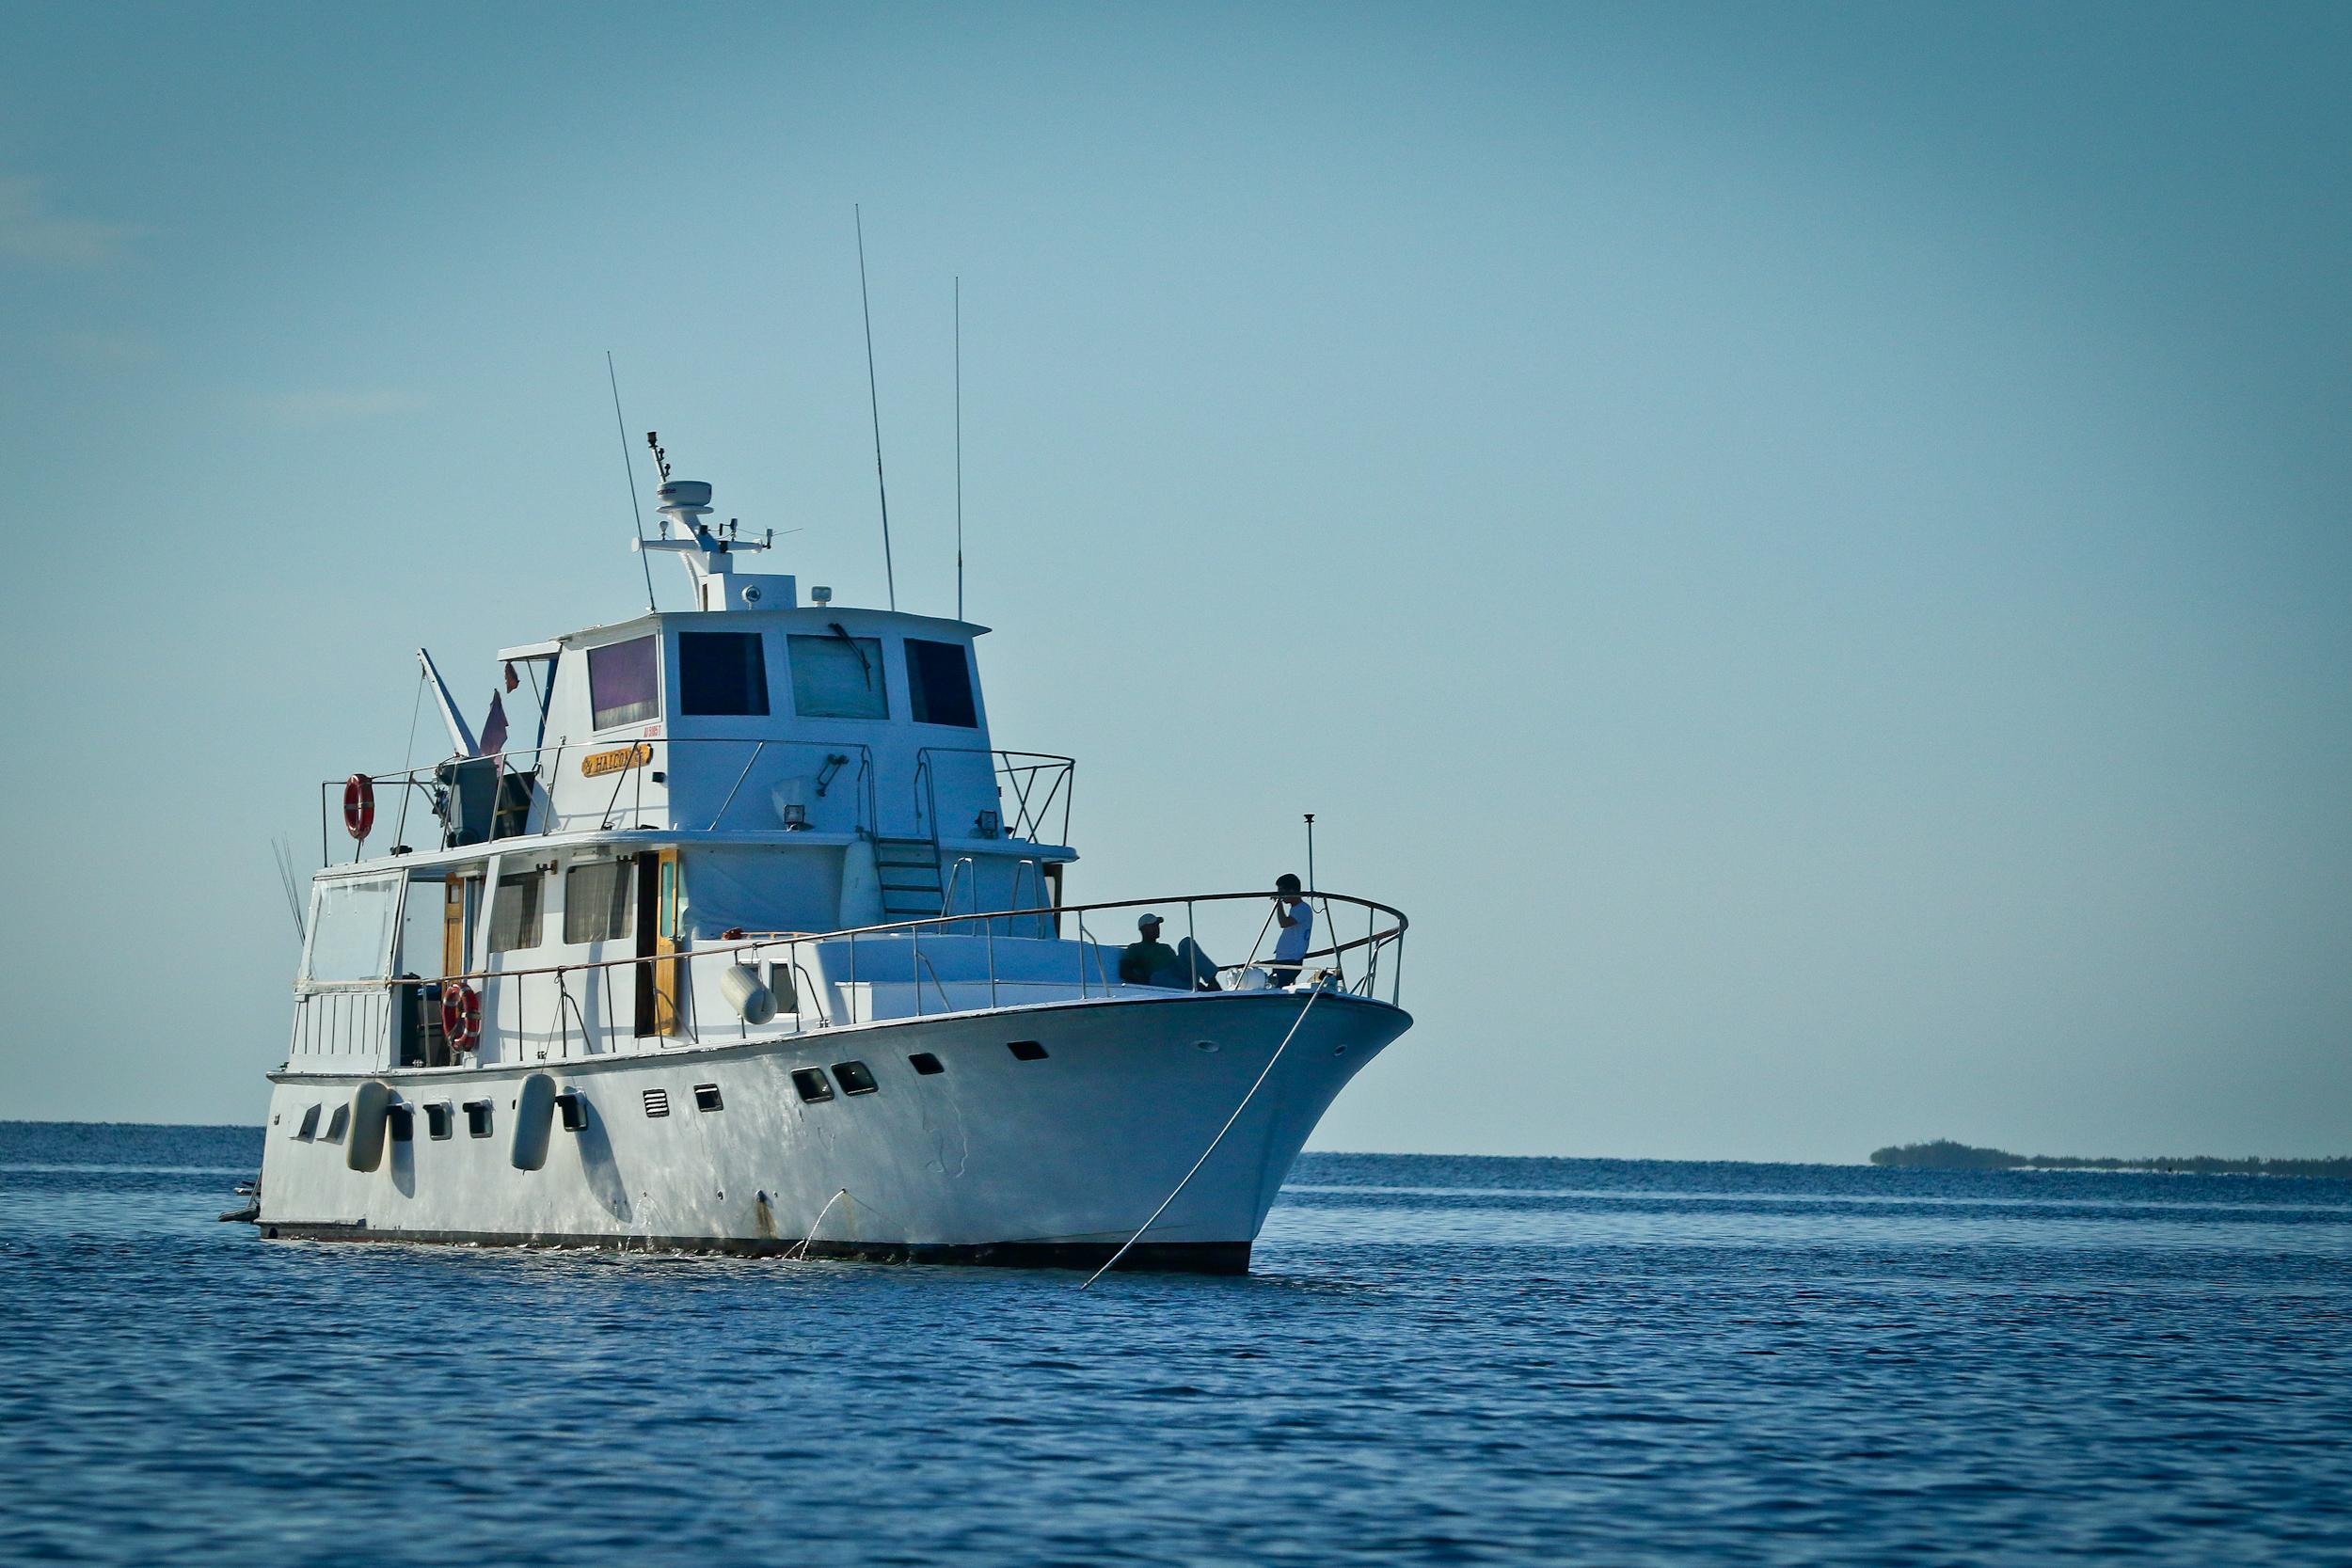 The yacht Halcon, at anchor in Jardines de la Reina.